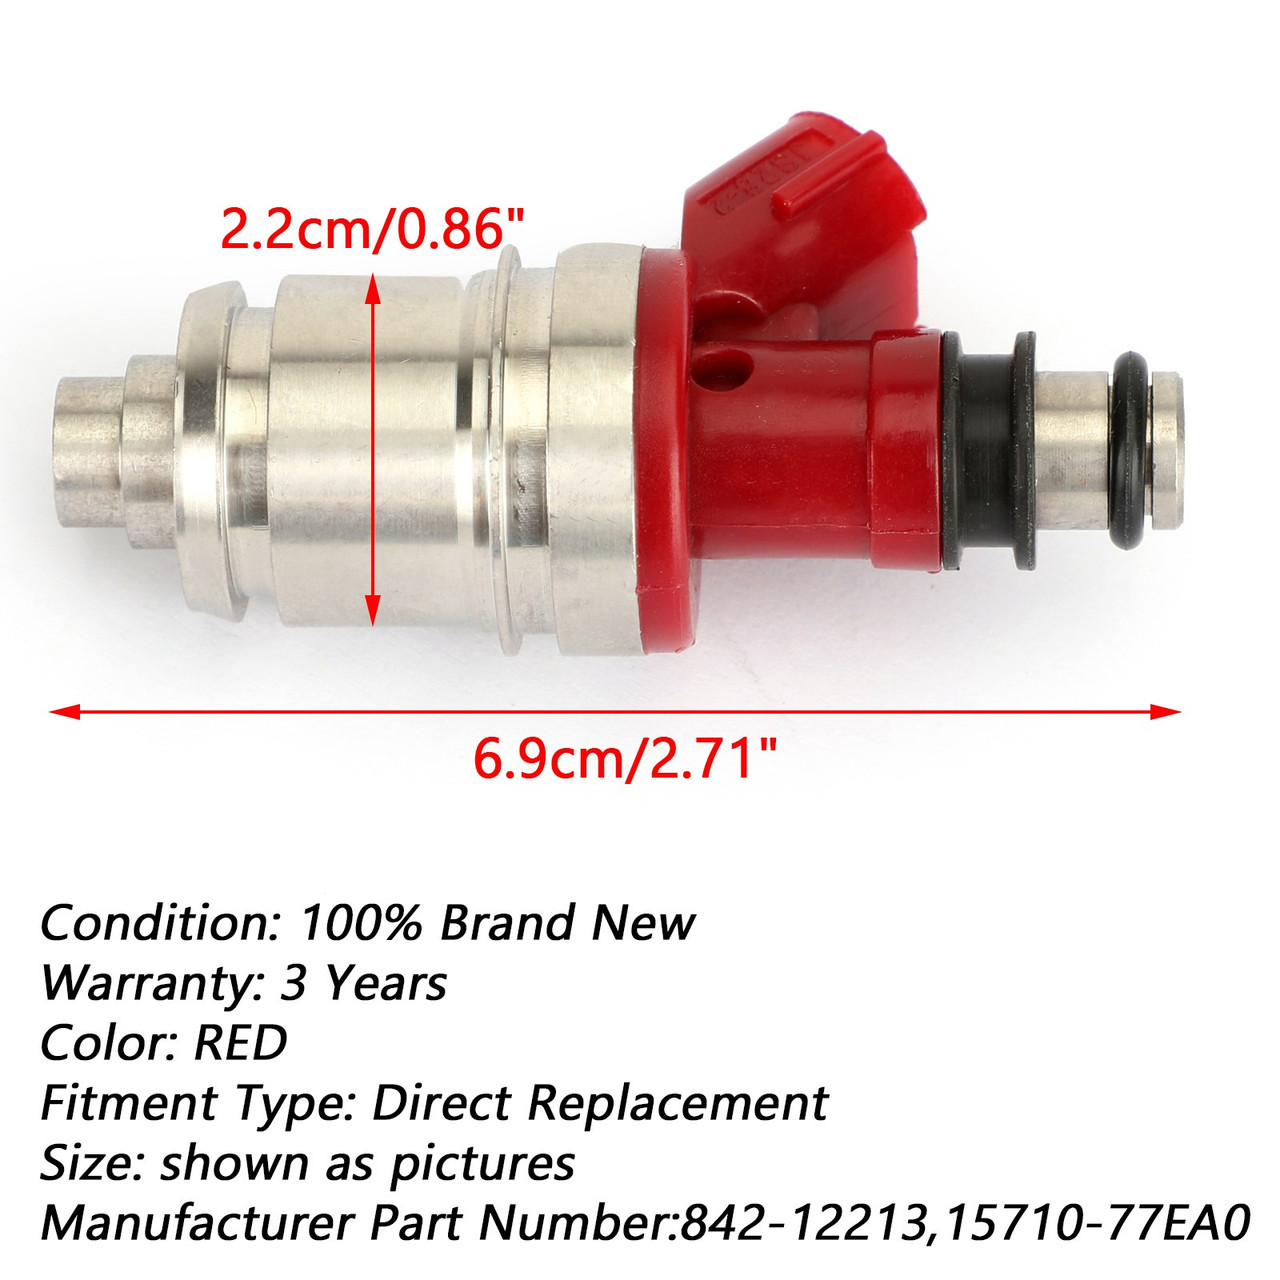 4Pcs Fuel Injector 15710-77EA0 842-12213 Fit For Honda Passport 2.6L 1994-1995